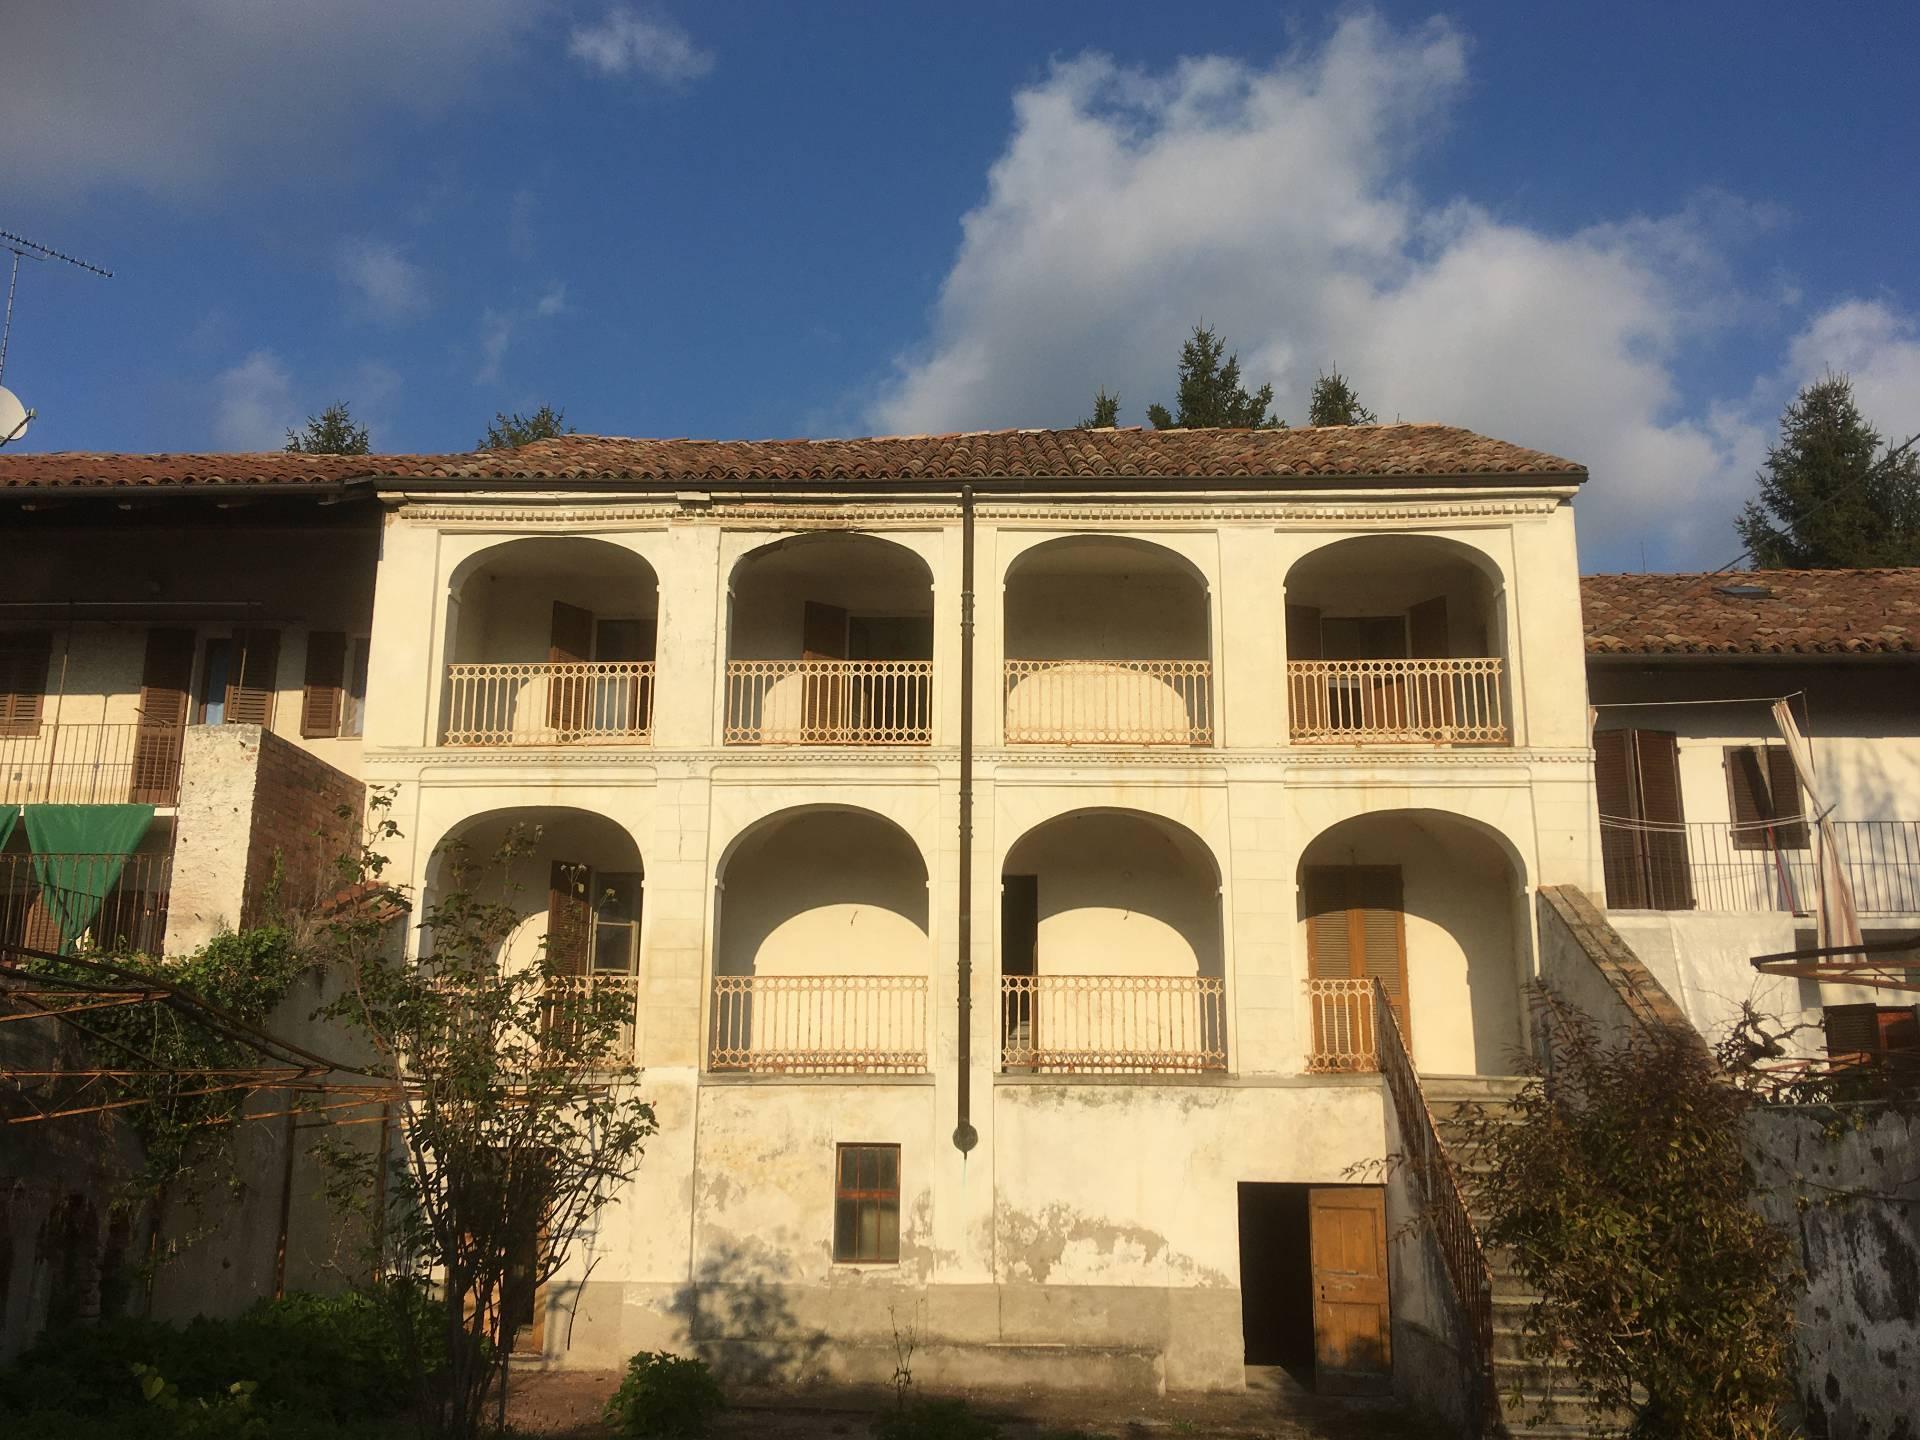 Moransengo, Via Sant'Agata